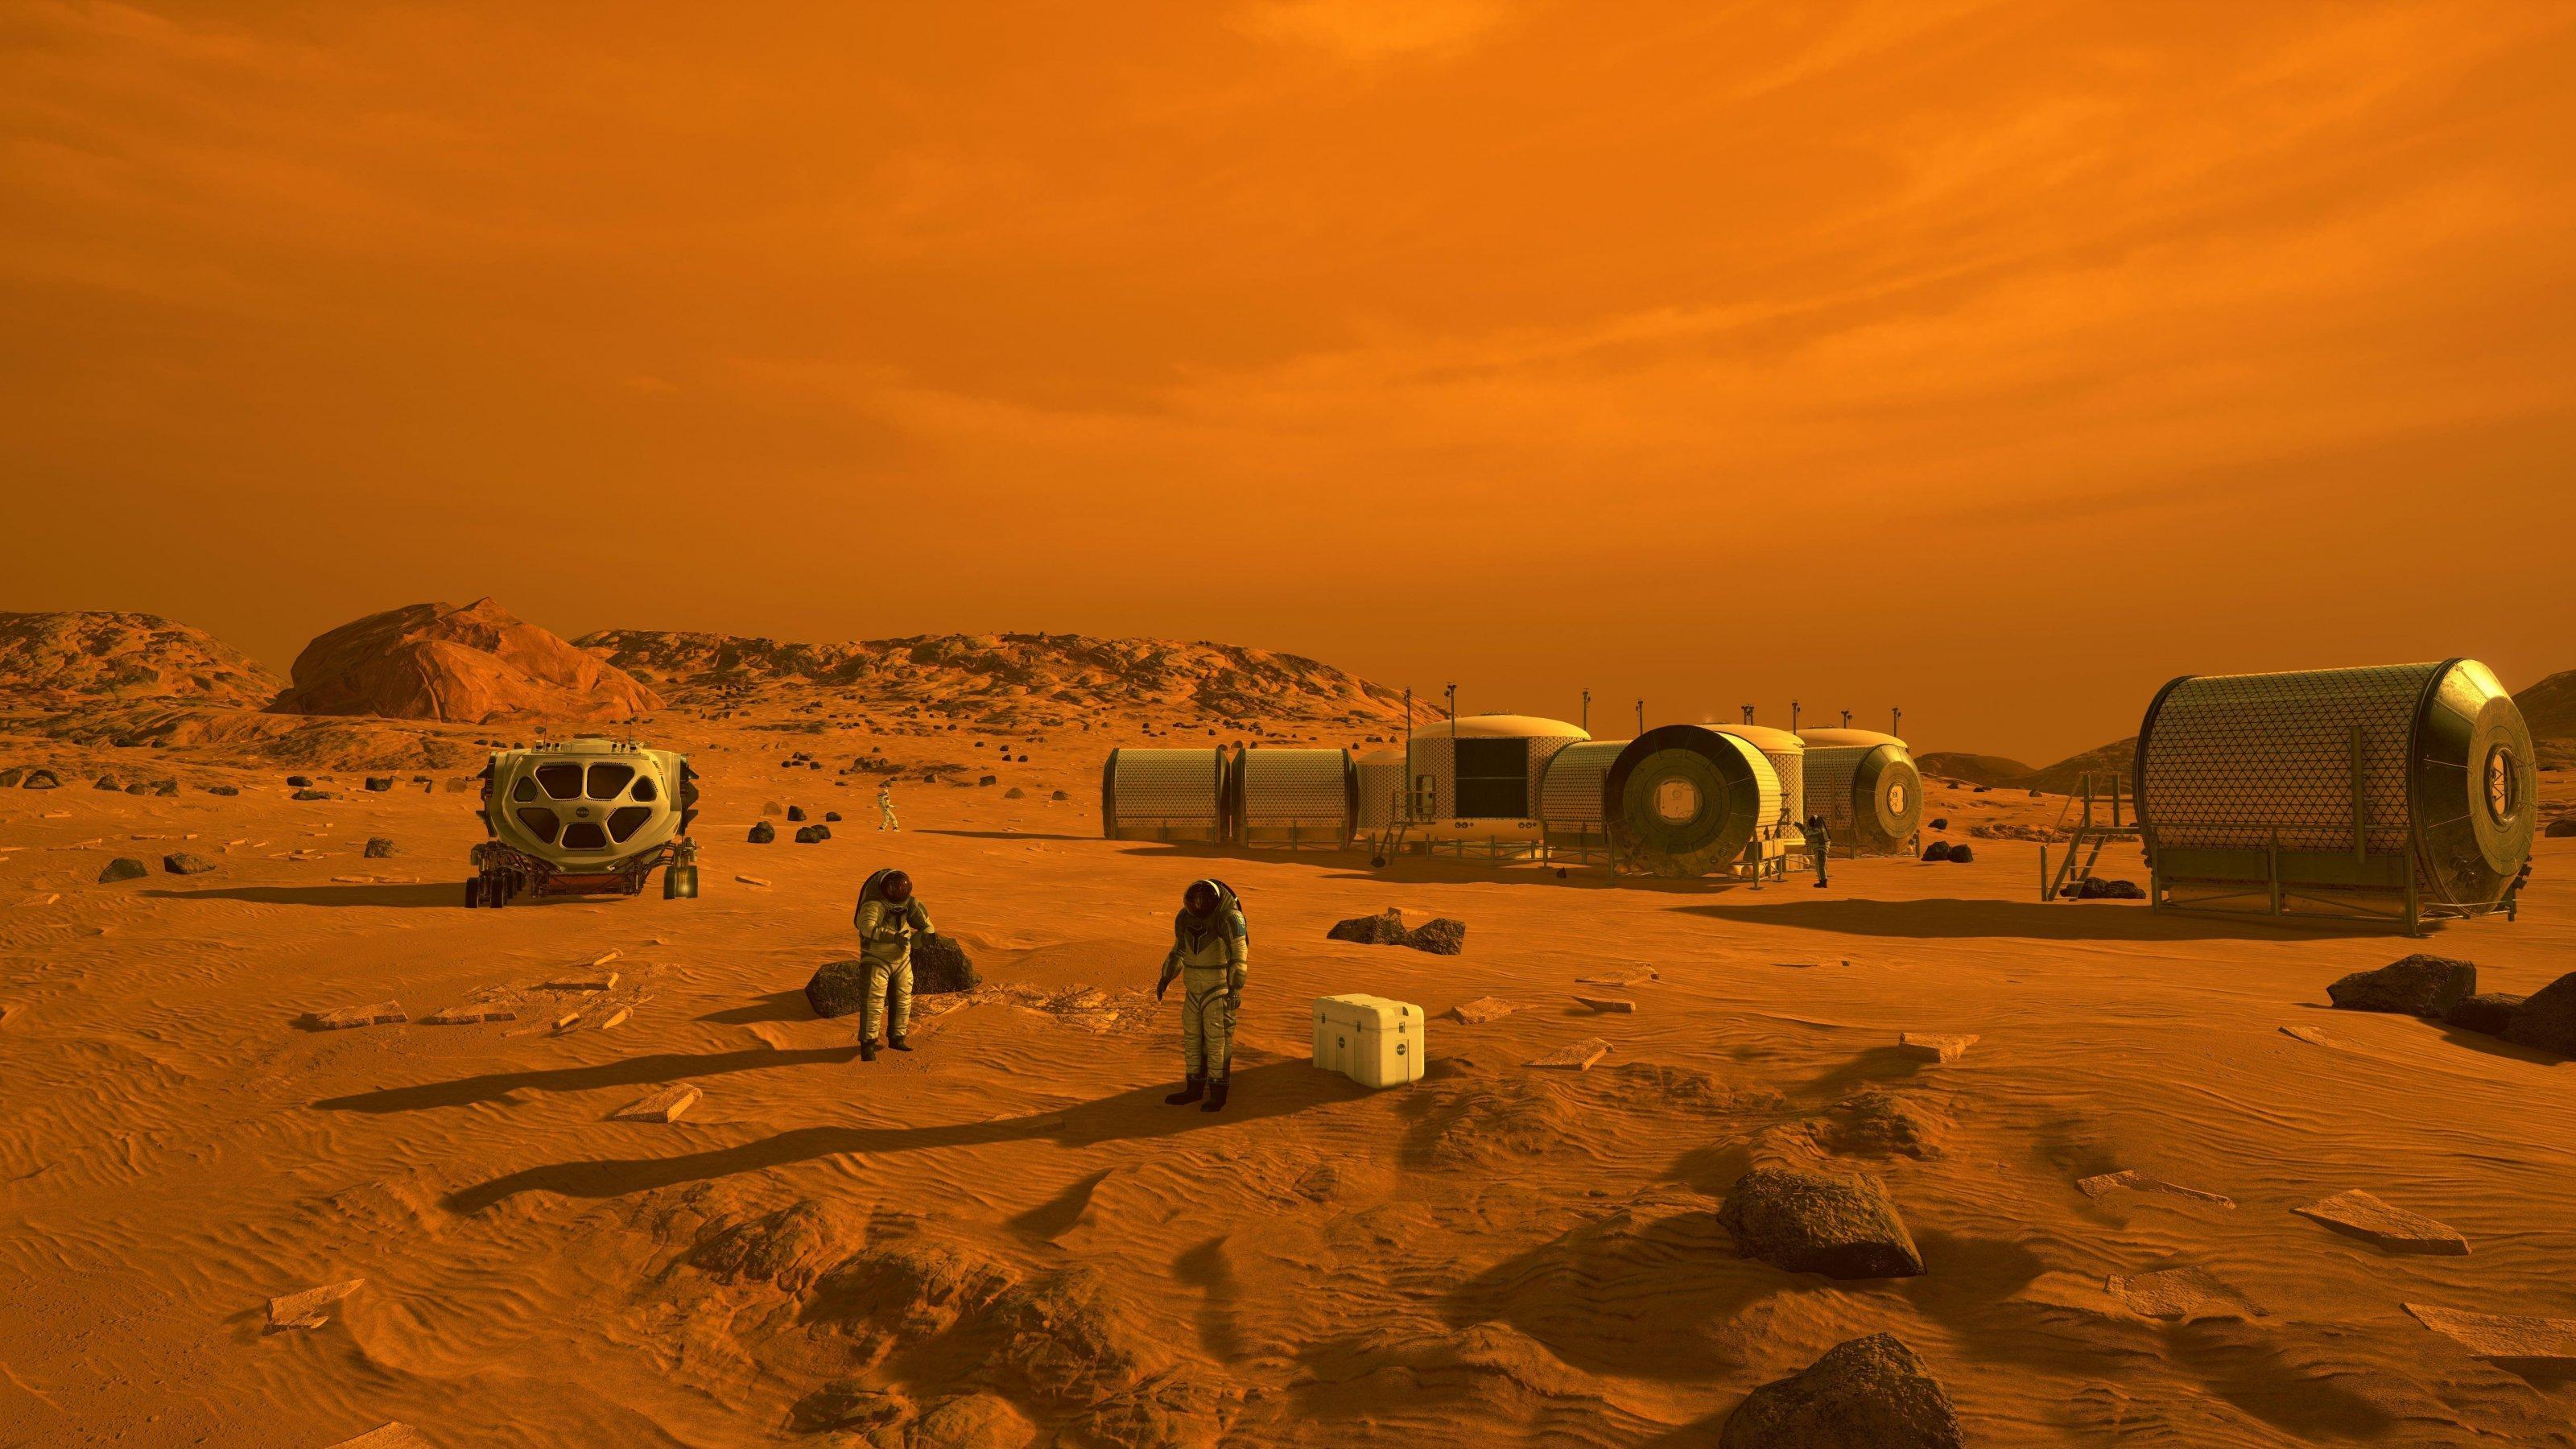 Auf dieser künstleriscehn Darstellung sind Menschen im Astronautenanzug und ein Habitate auf dem Mars zu sehen. Das gesamte Bild ist in rot-braunen Tönen gehalten.